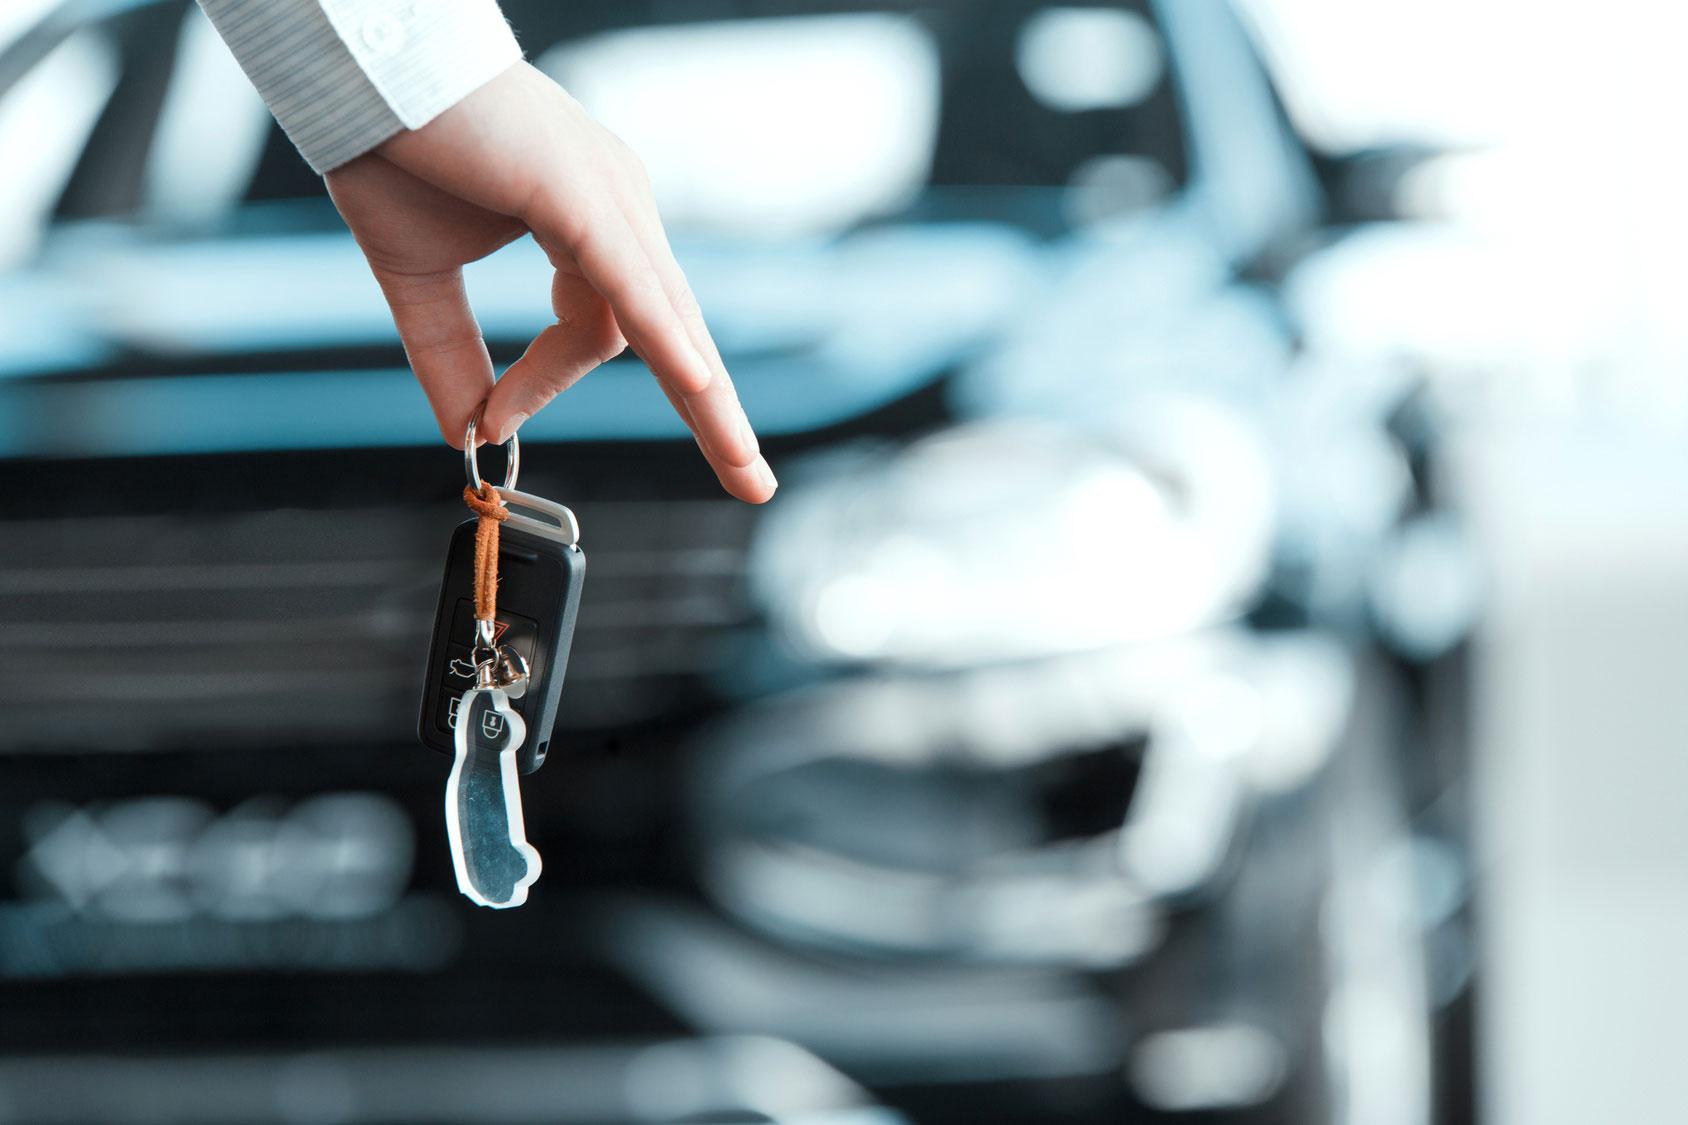 Продажи новых автомобилей в Башкирии достигли почти 12 тысяч штук